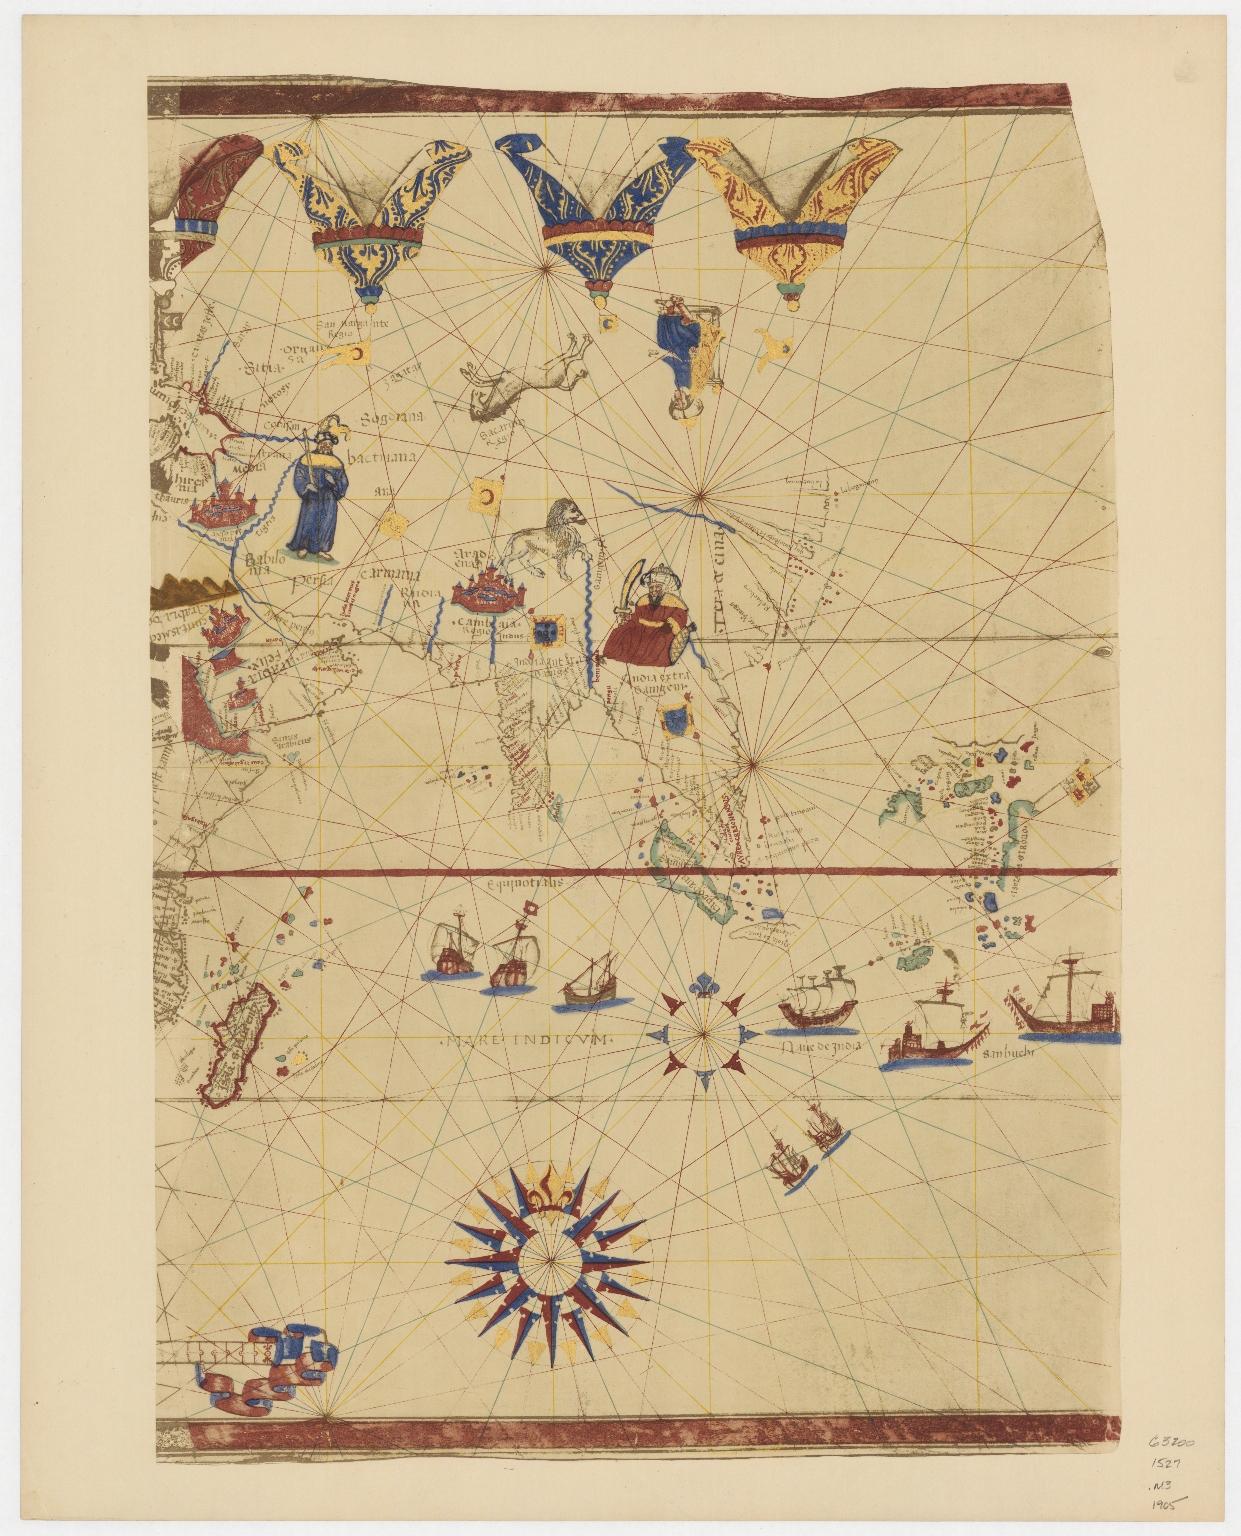 Map of the World by Viconte di Maiollo, 1527.Part 2